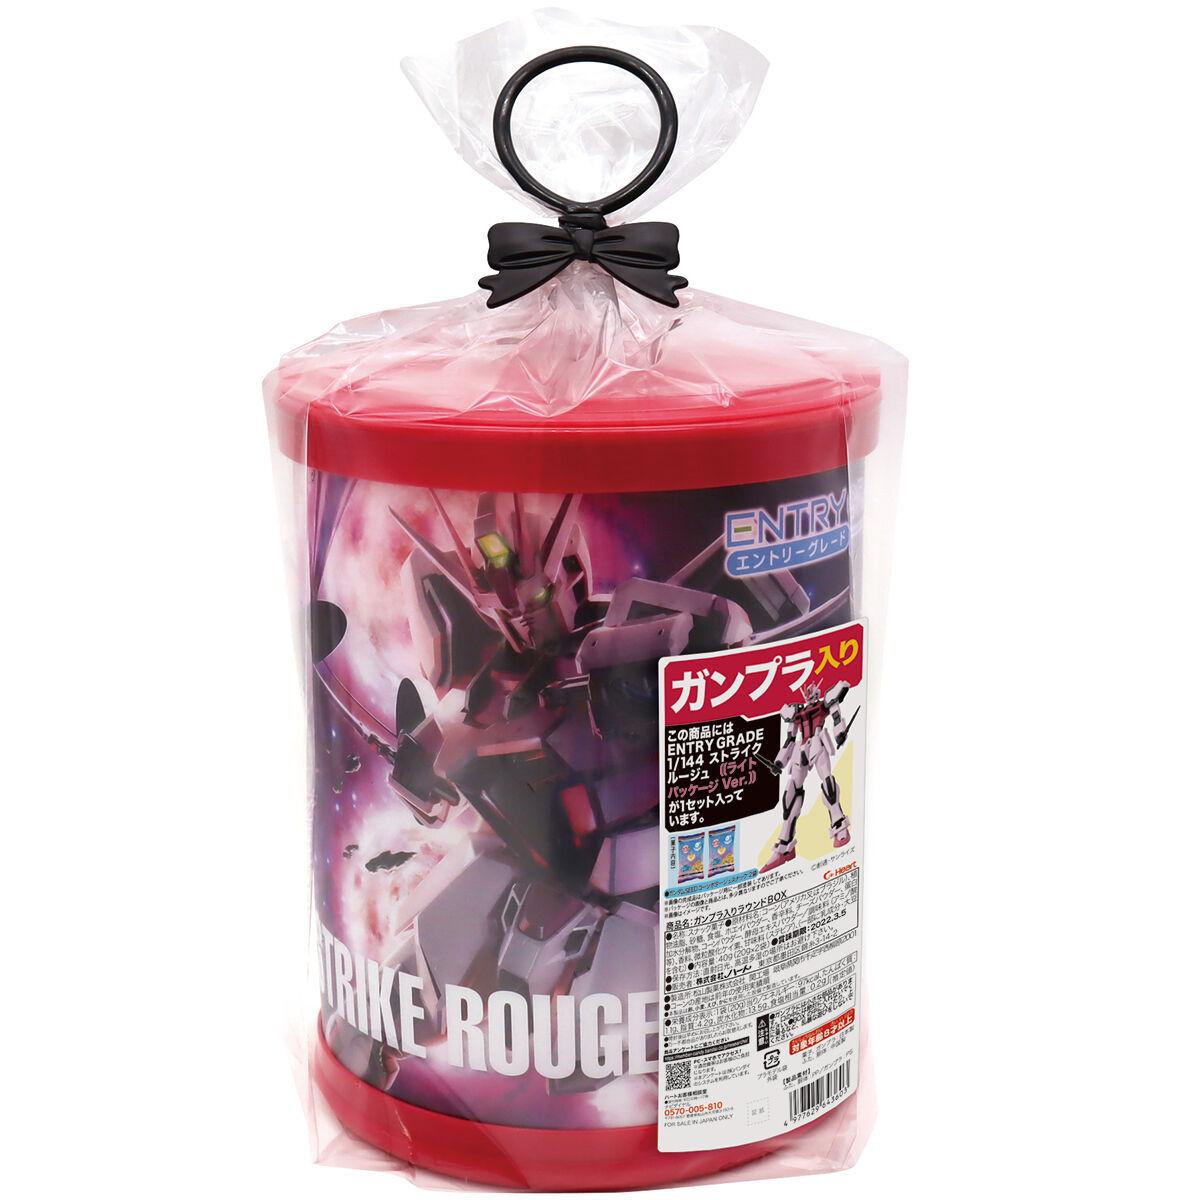 【限定販売】【食玩】ENTRY GRADE 1/144『ガンプラ入り ラウンドBOX』プラモデル-006